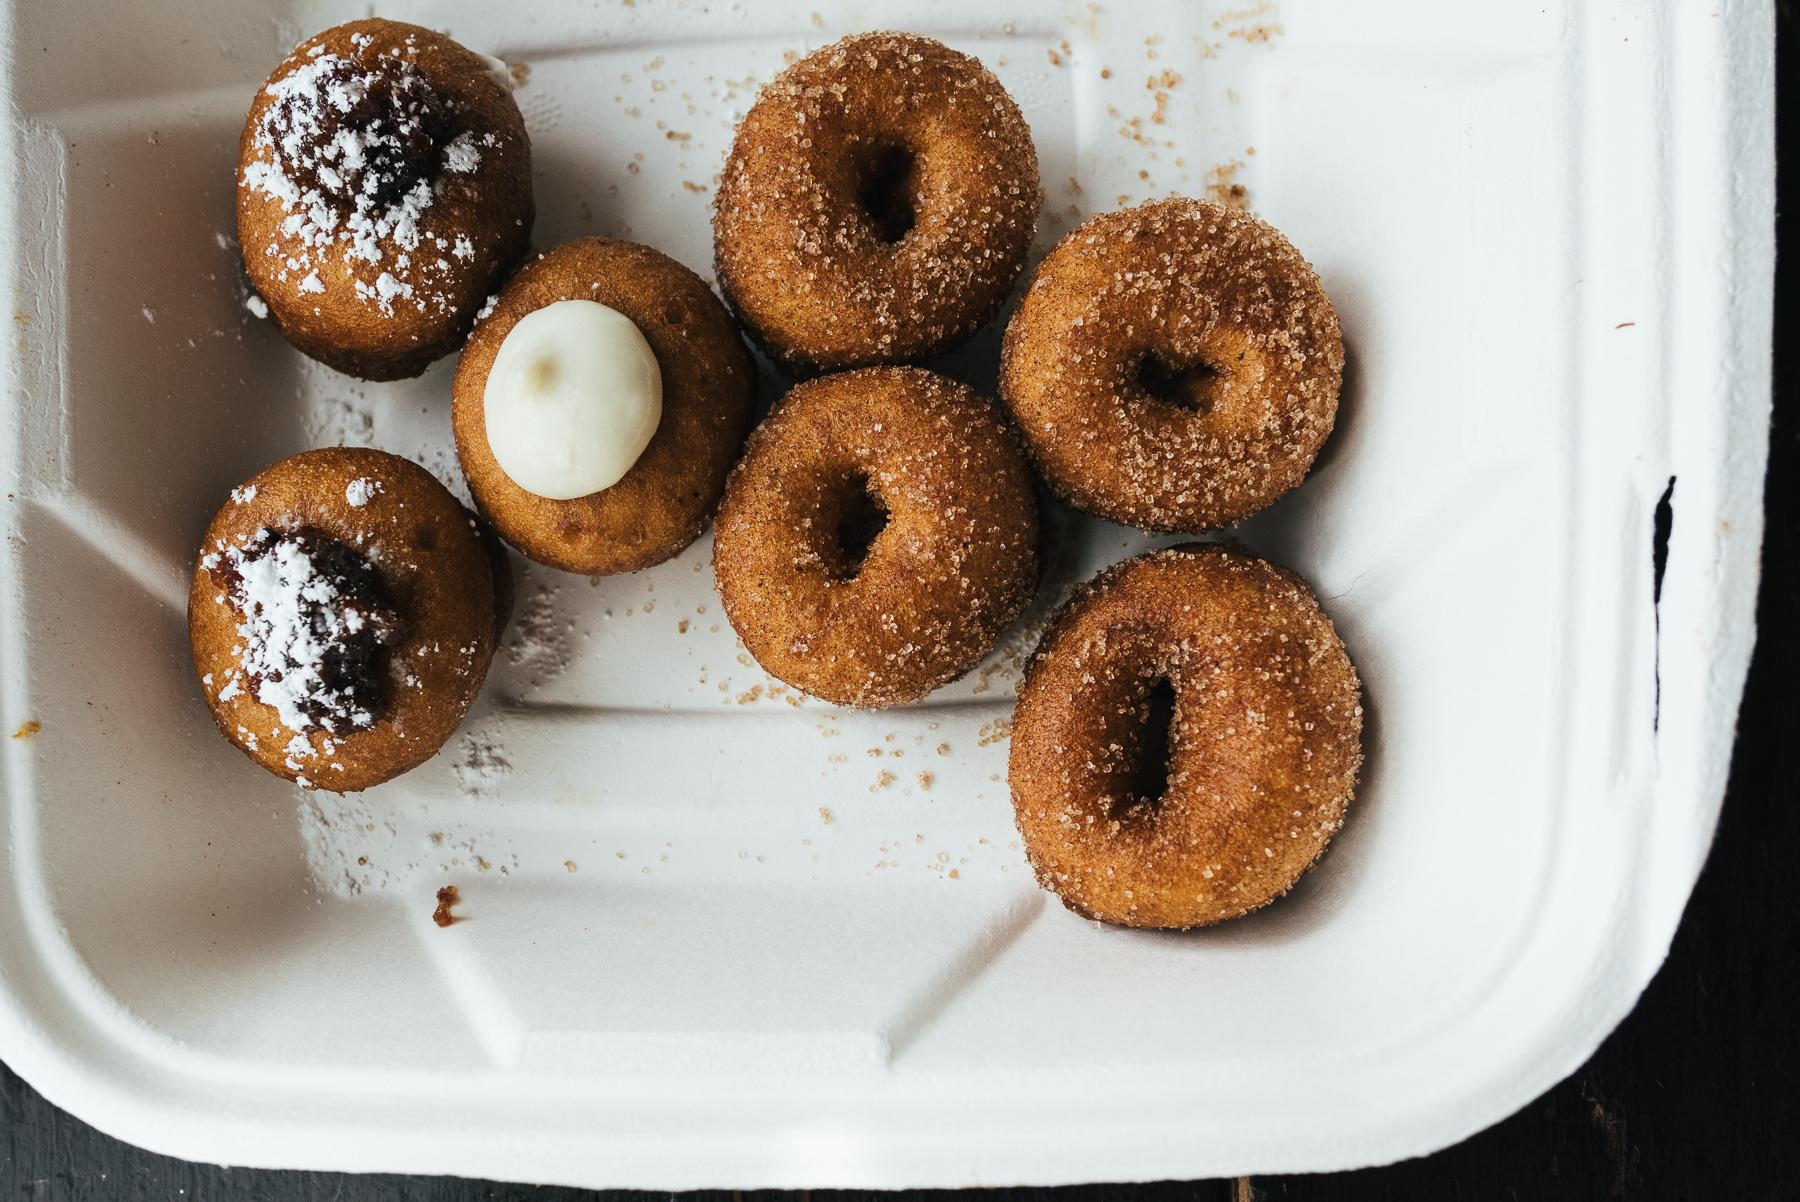 mini doughnuts in a take out box